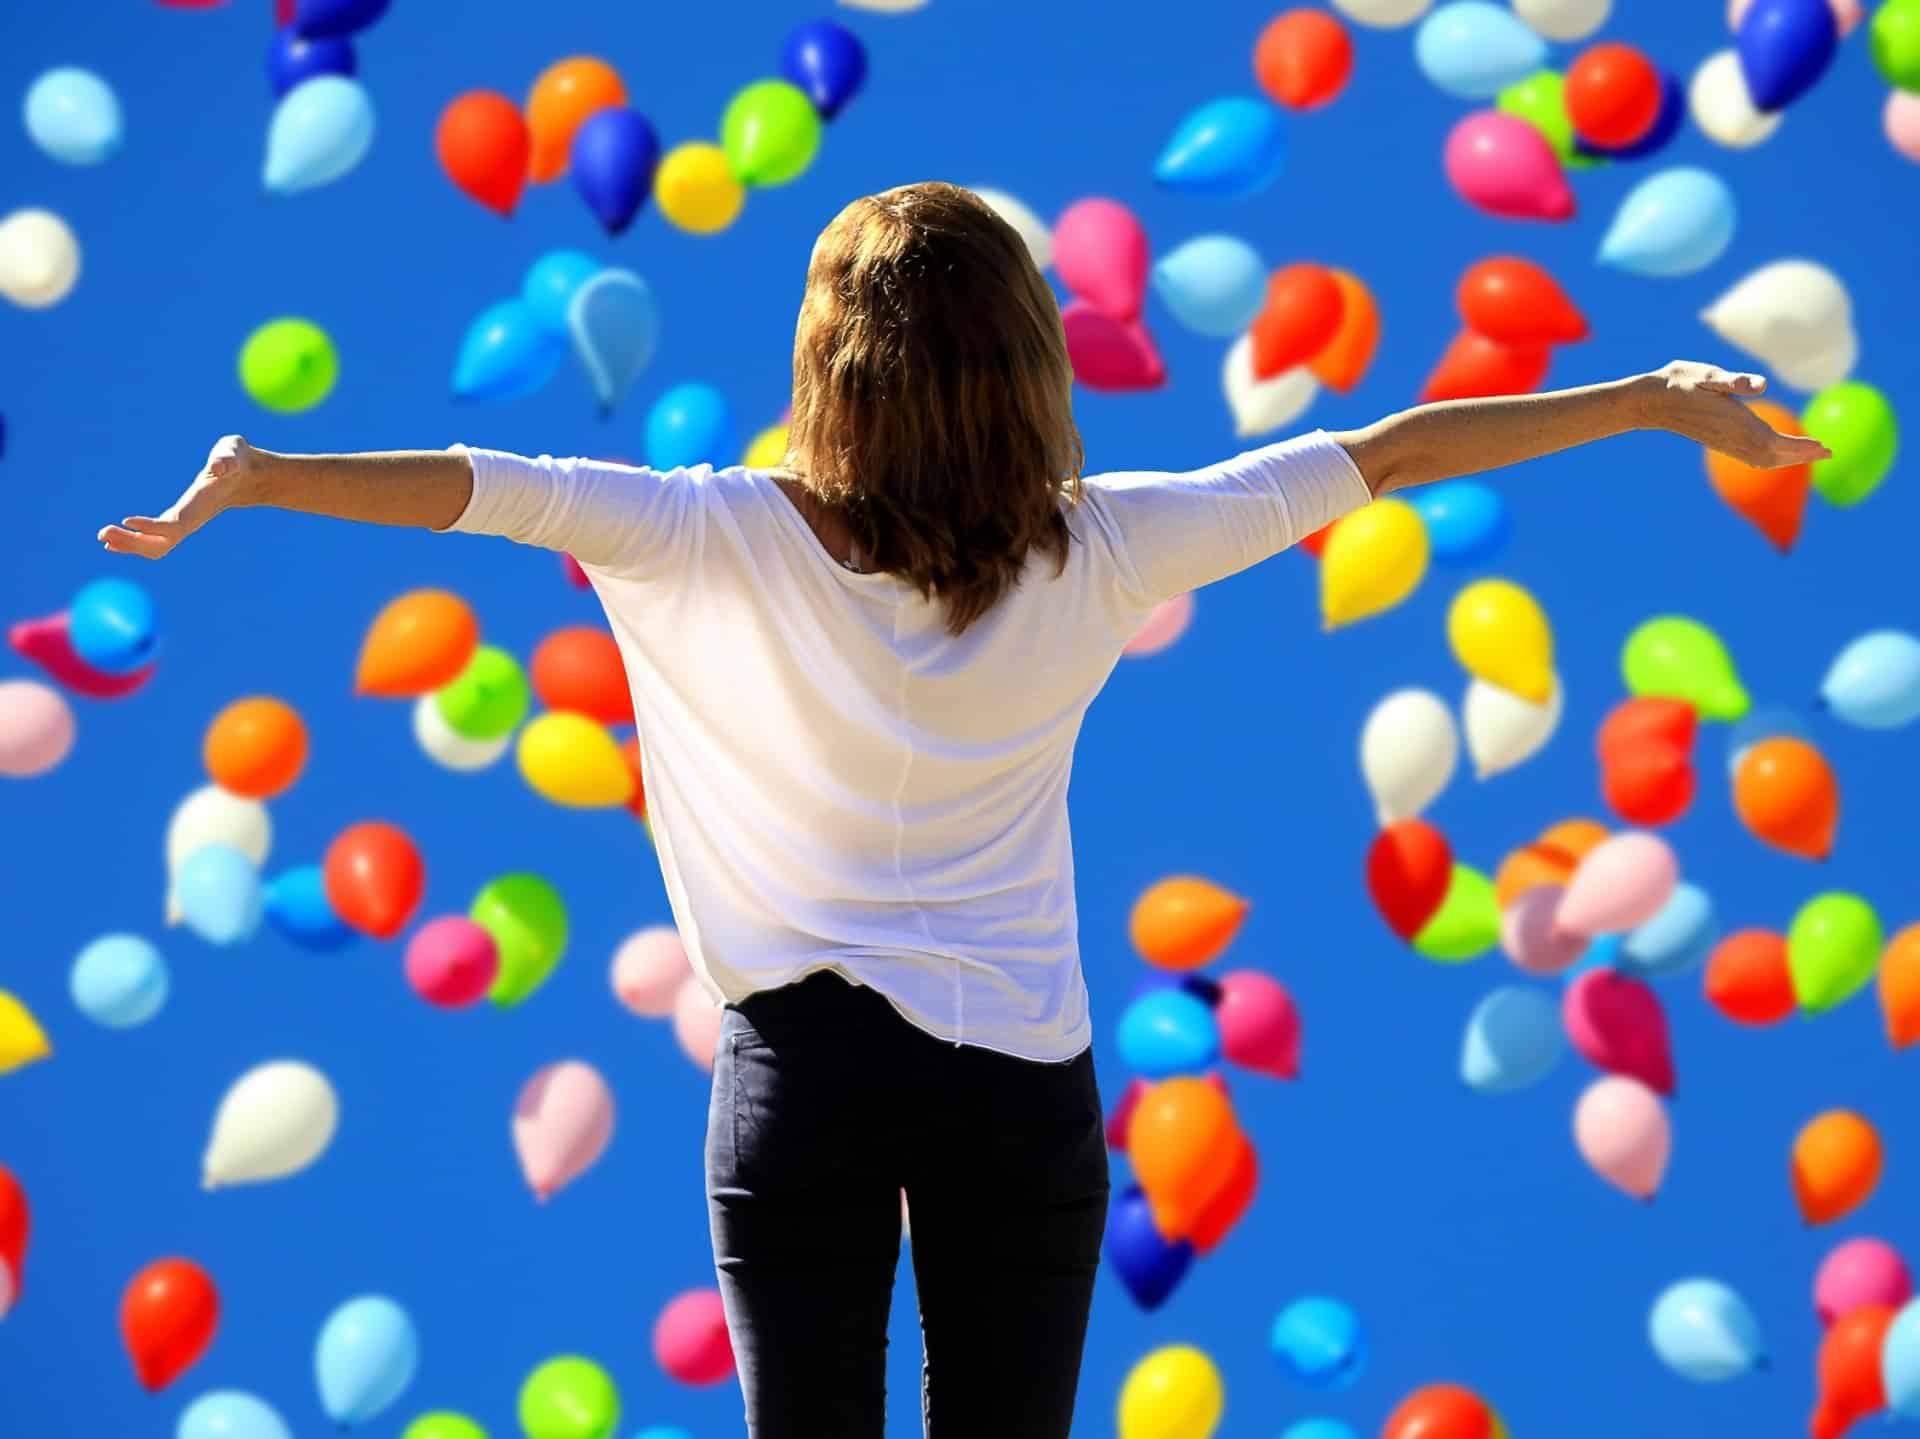 Cum influențează gândirea pozitivă viața unui copil și cum îl poți ajuta să gândească pozitiv? 1